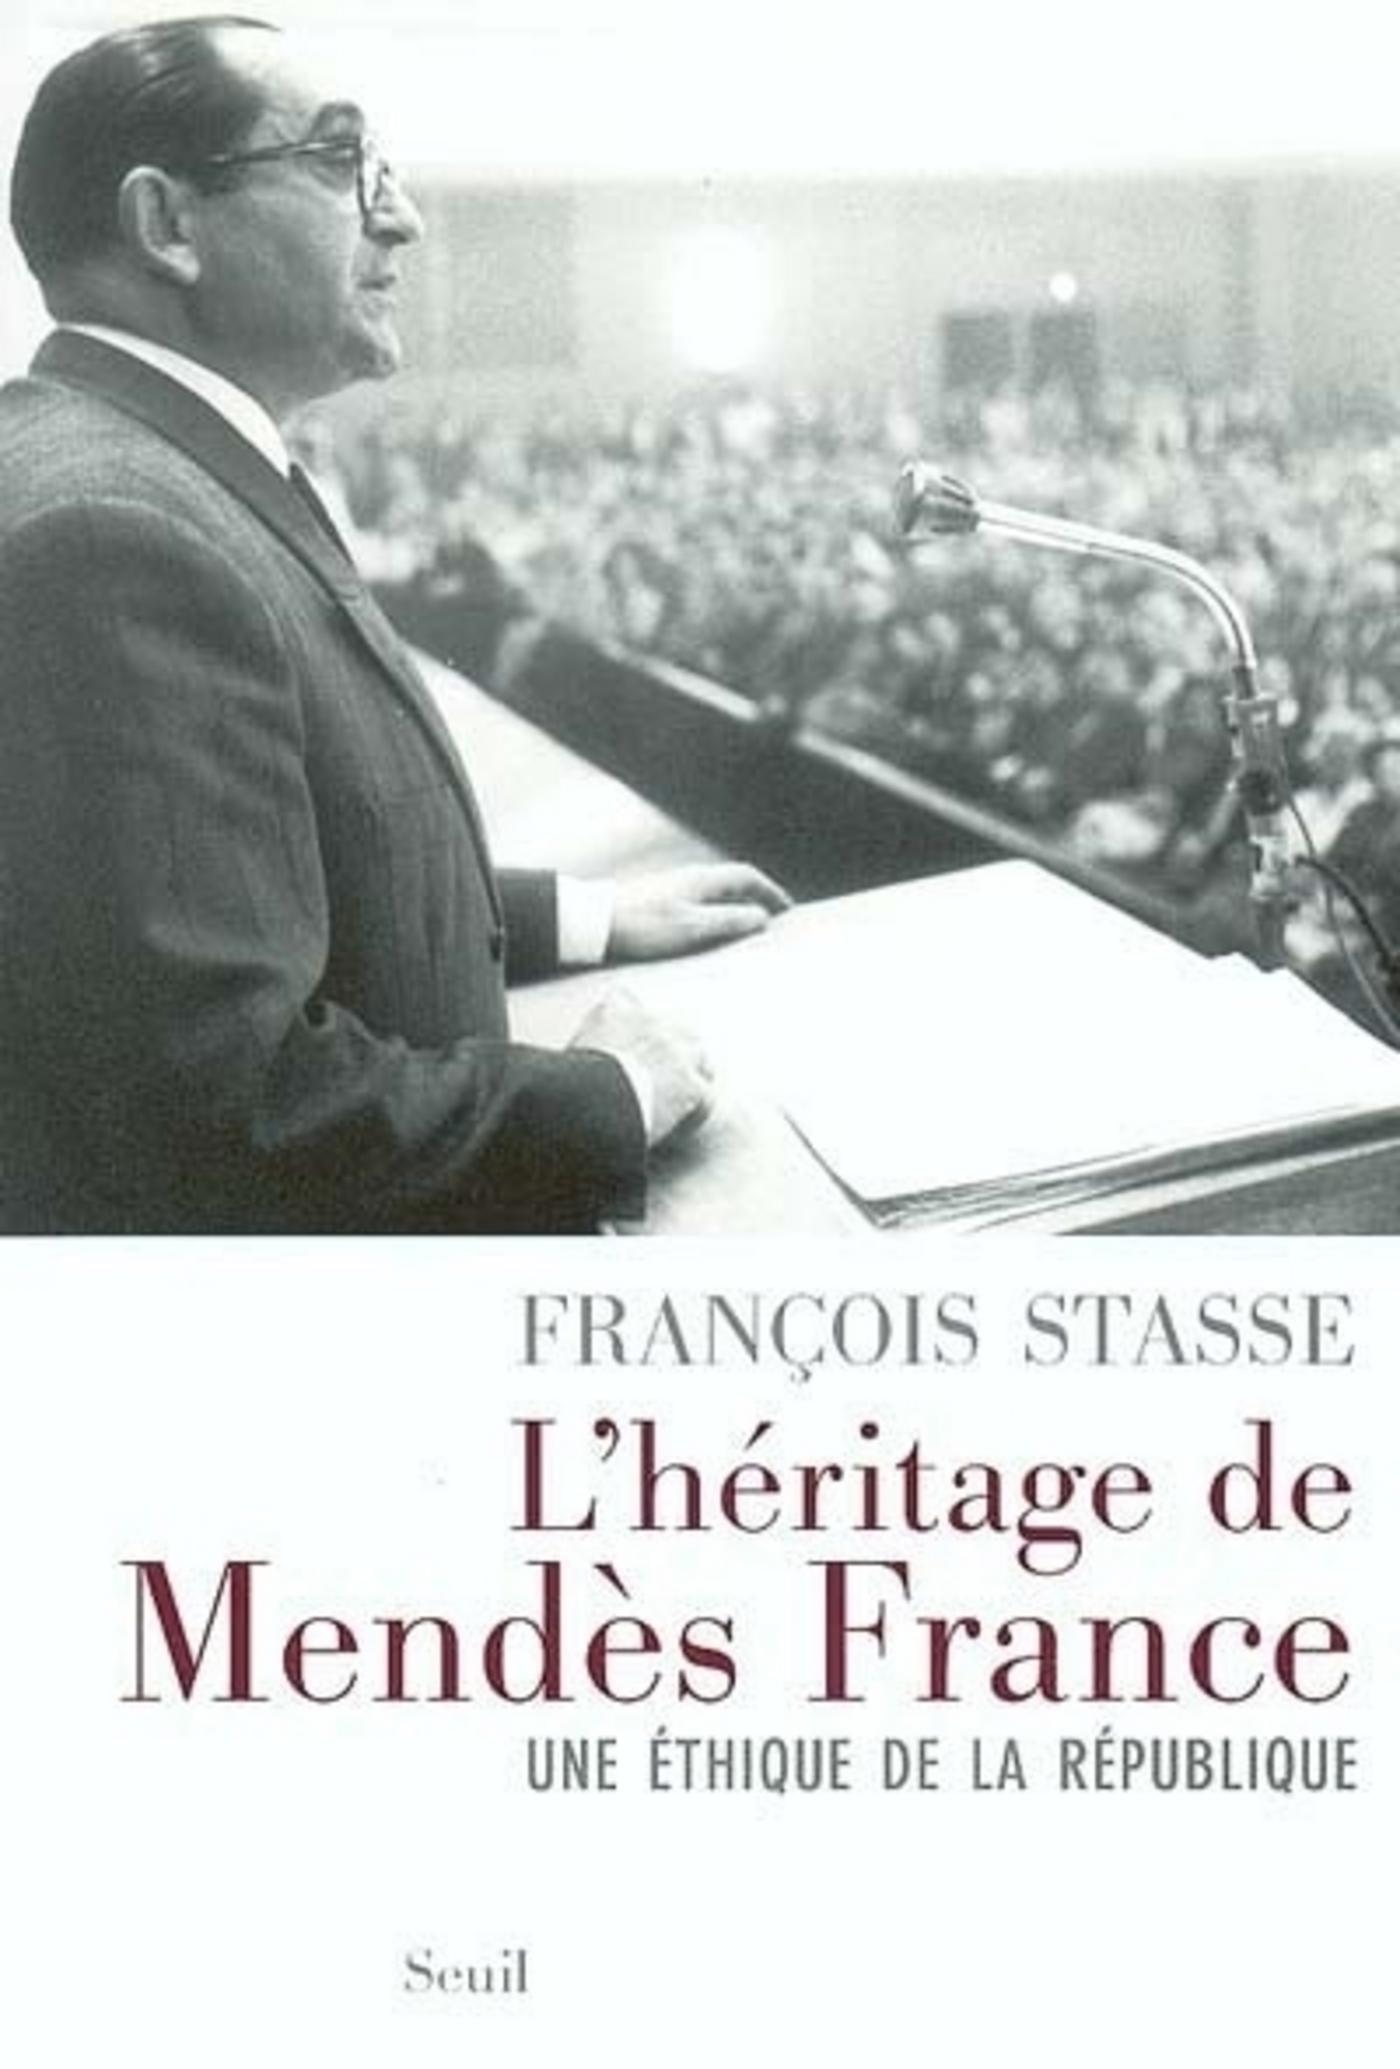 L'Héritage de Mendès France. Une éthique de la République